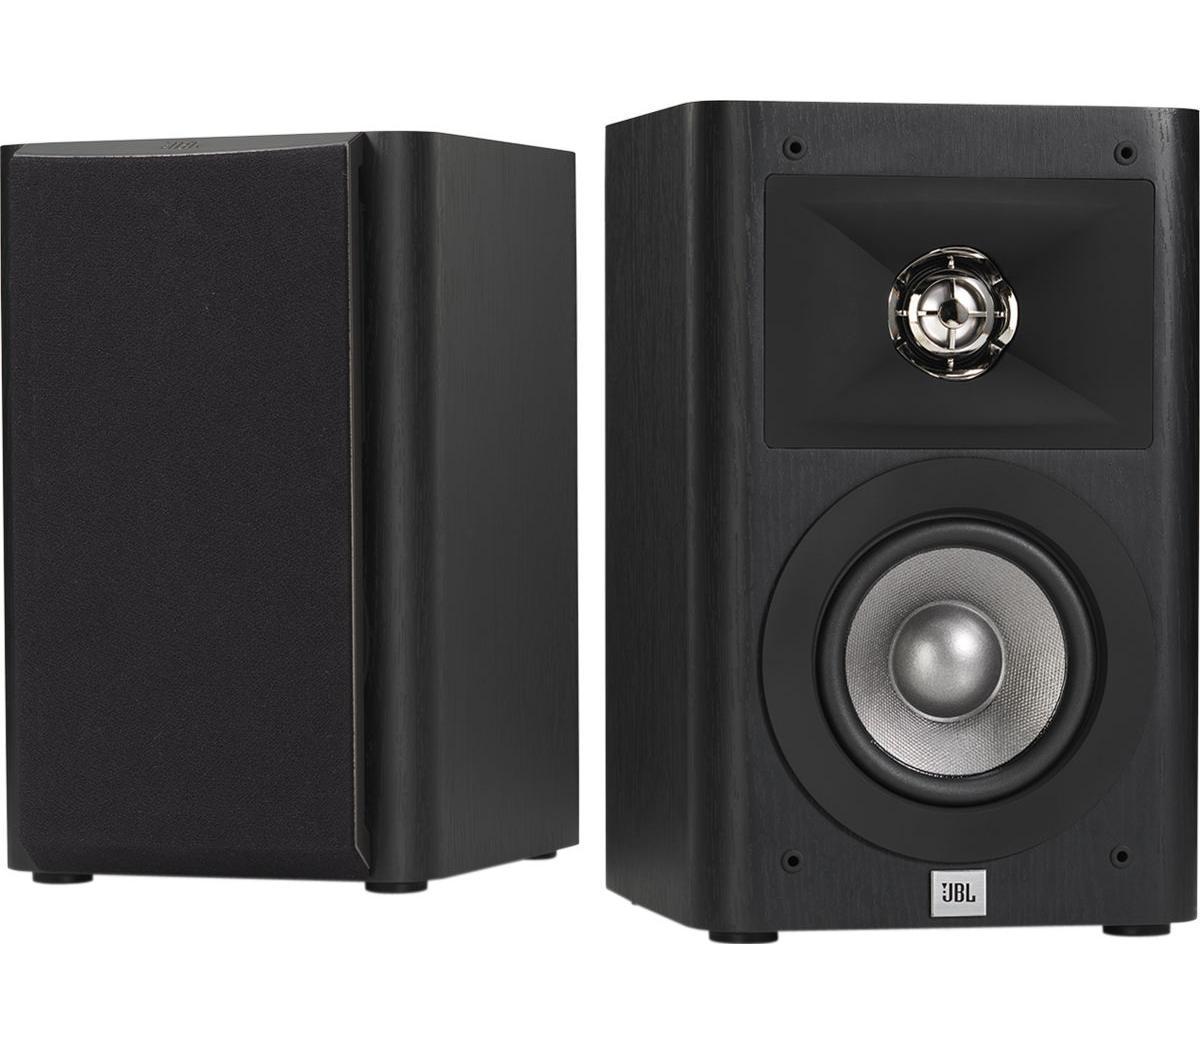 Powieksz do pelnego rozmiaru ibl, jbl, dżejbiel studio-220, studio220, studio 220  głośnik podstawkowy, głośnik kompaktowy, głośnik efektowy, głośnik surroundowy, głośnik tylny głośniki podstawkowe, głośniki kompaktowe, głośniki efektowe, głośniki surroundowe, głośnik tylne kolumna podstawkowa, kolumna kompaktowa, kolumna efektowa, kolumna surroundowa, kolumna tylna kolumny podstawkowe, kolumny kompaktowe, kolumny efektowe, kolumny surroundowe, kolumny tylne kolumna monitorowa, kolumna głośnikowa monitorowa, głośnik monitorowy, monitor, monitory